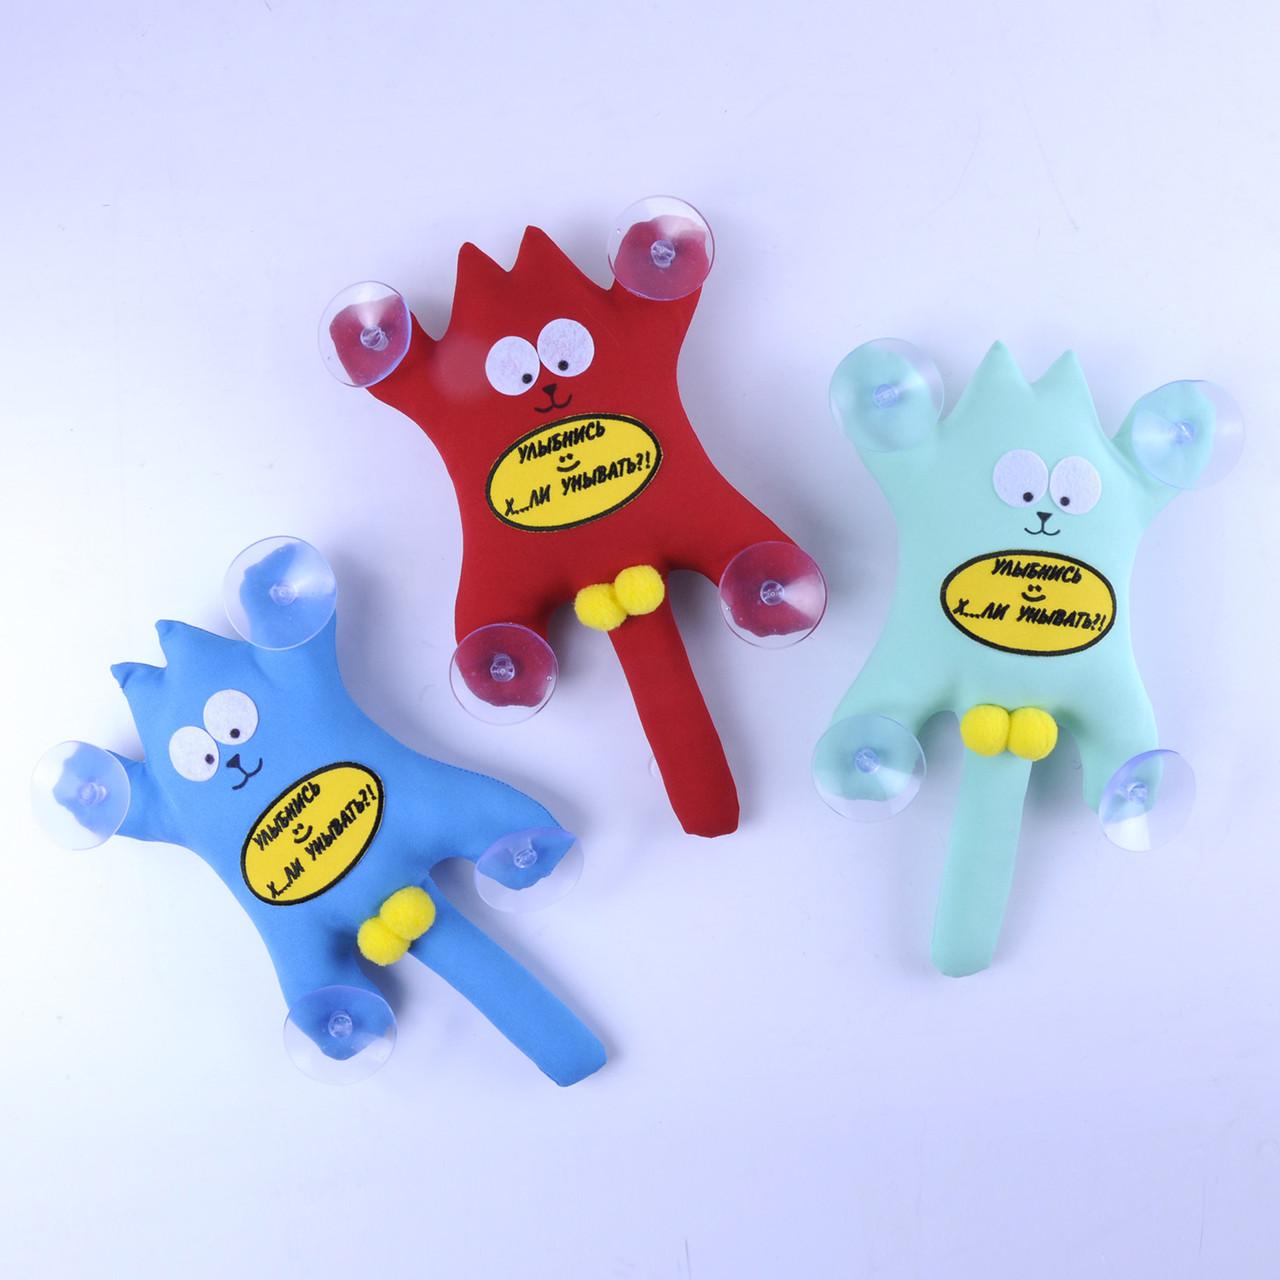 Мягкая игрушка Кот Саймон с лого Улыбнись Хули Унывать